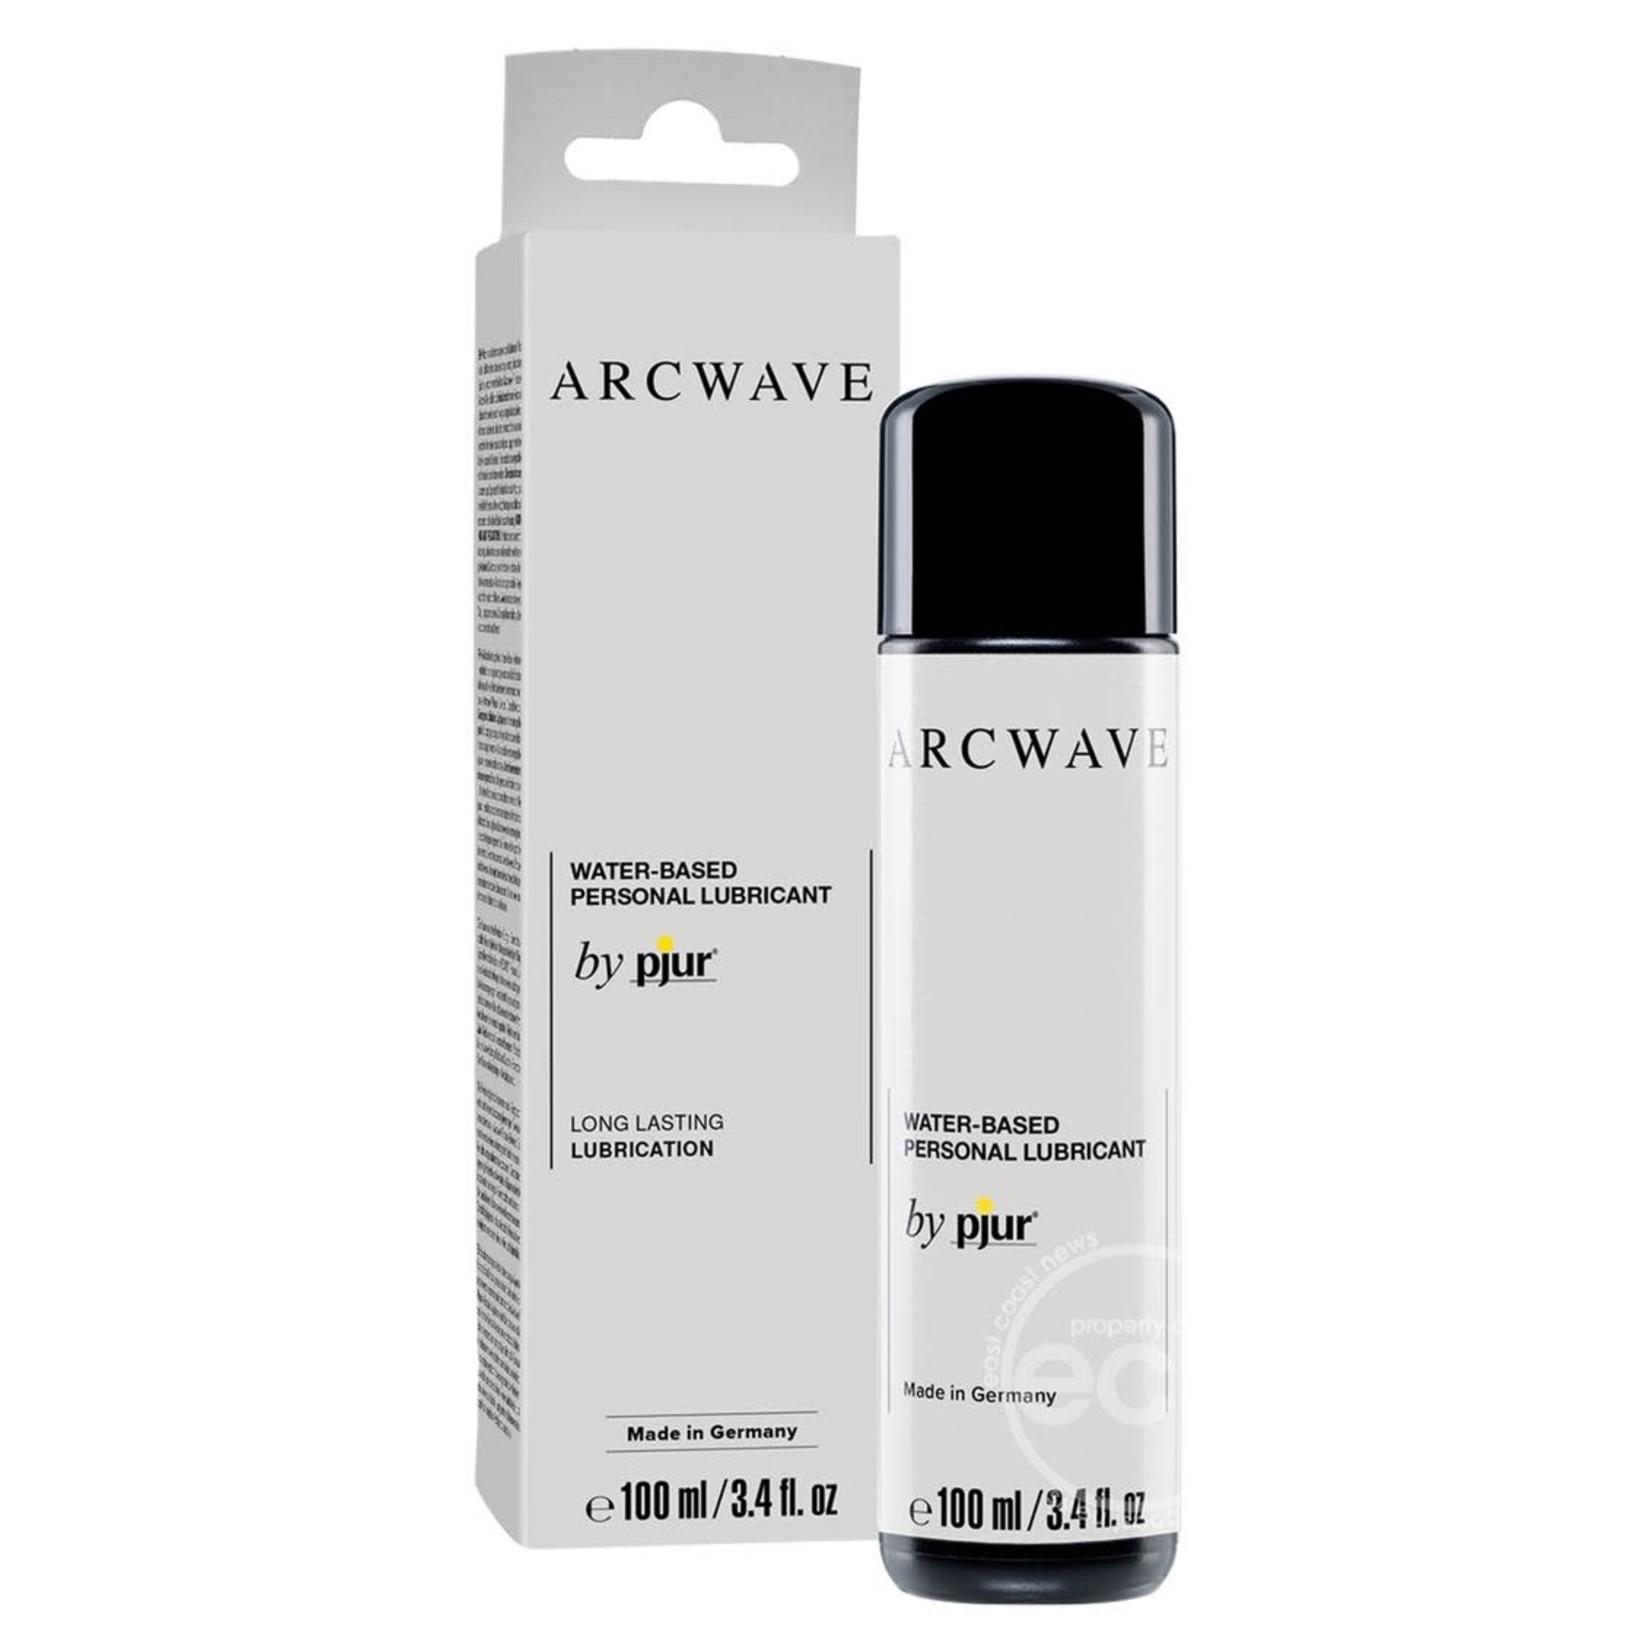 Arcwave Water Based Lubricant By Pjur 100ml